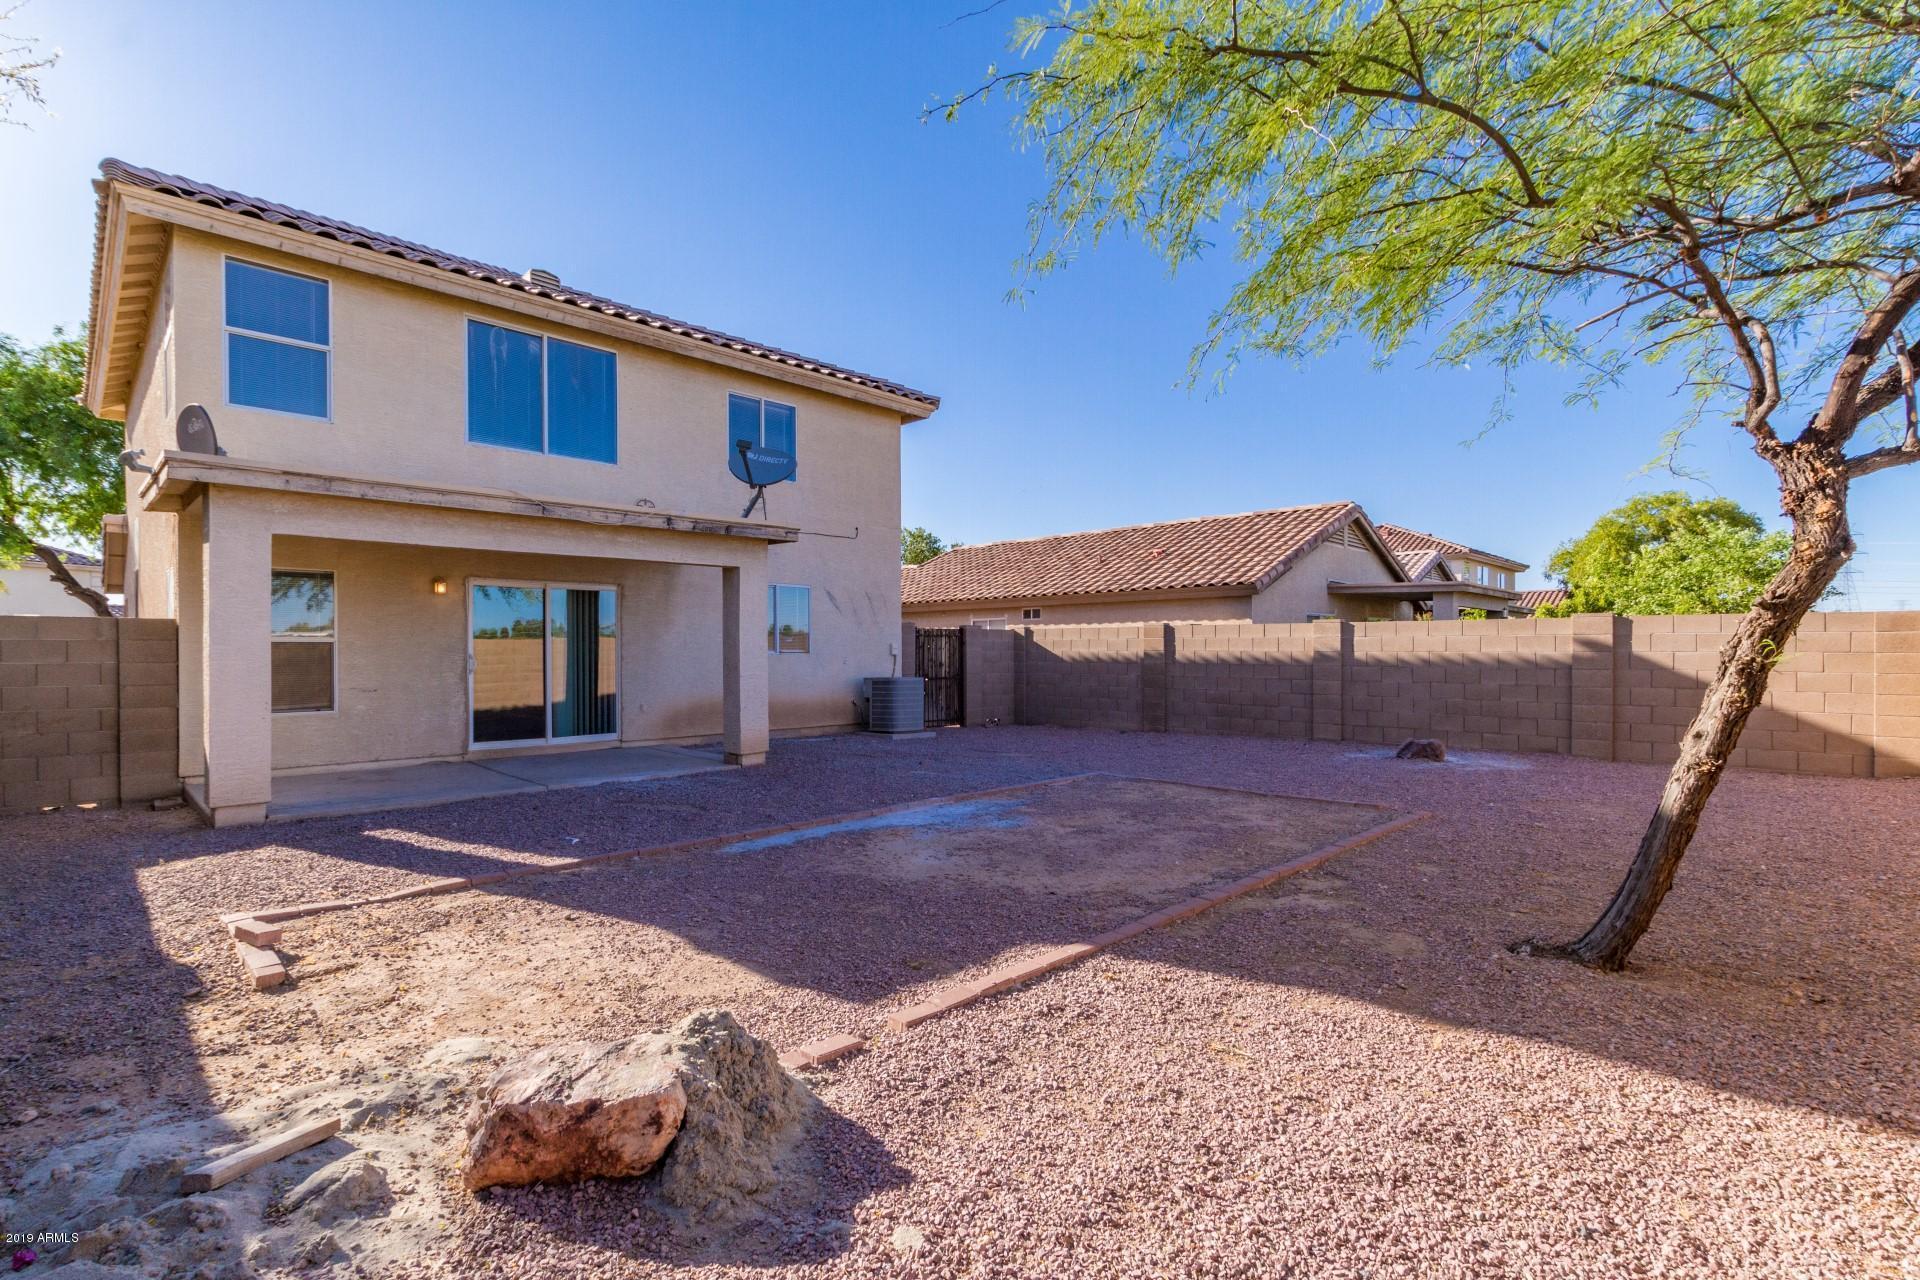 MLS 5942816 12005 N 115TH Avenue, El Mirage, AZ 85335 El Mirage AZ Four Bedroom